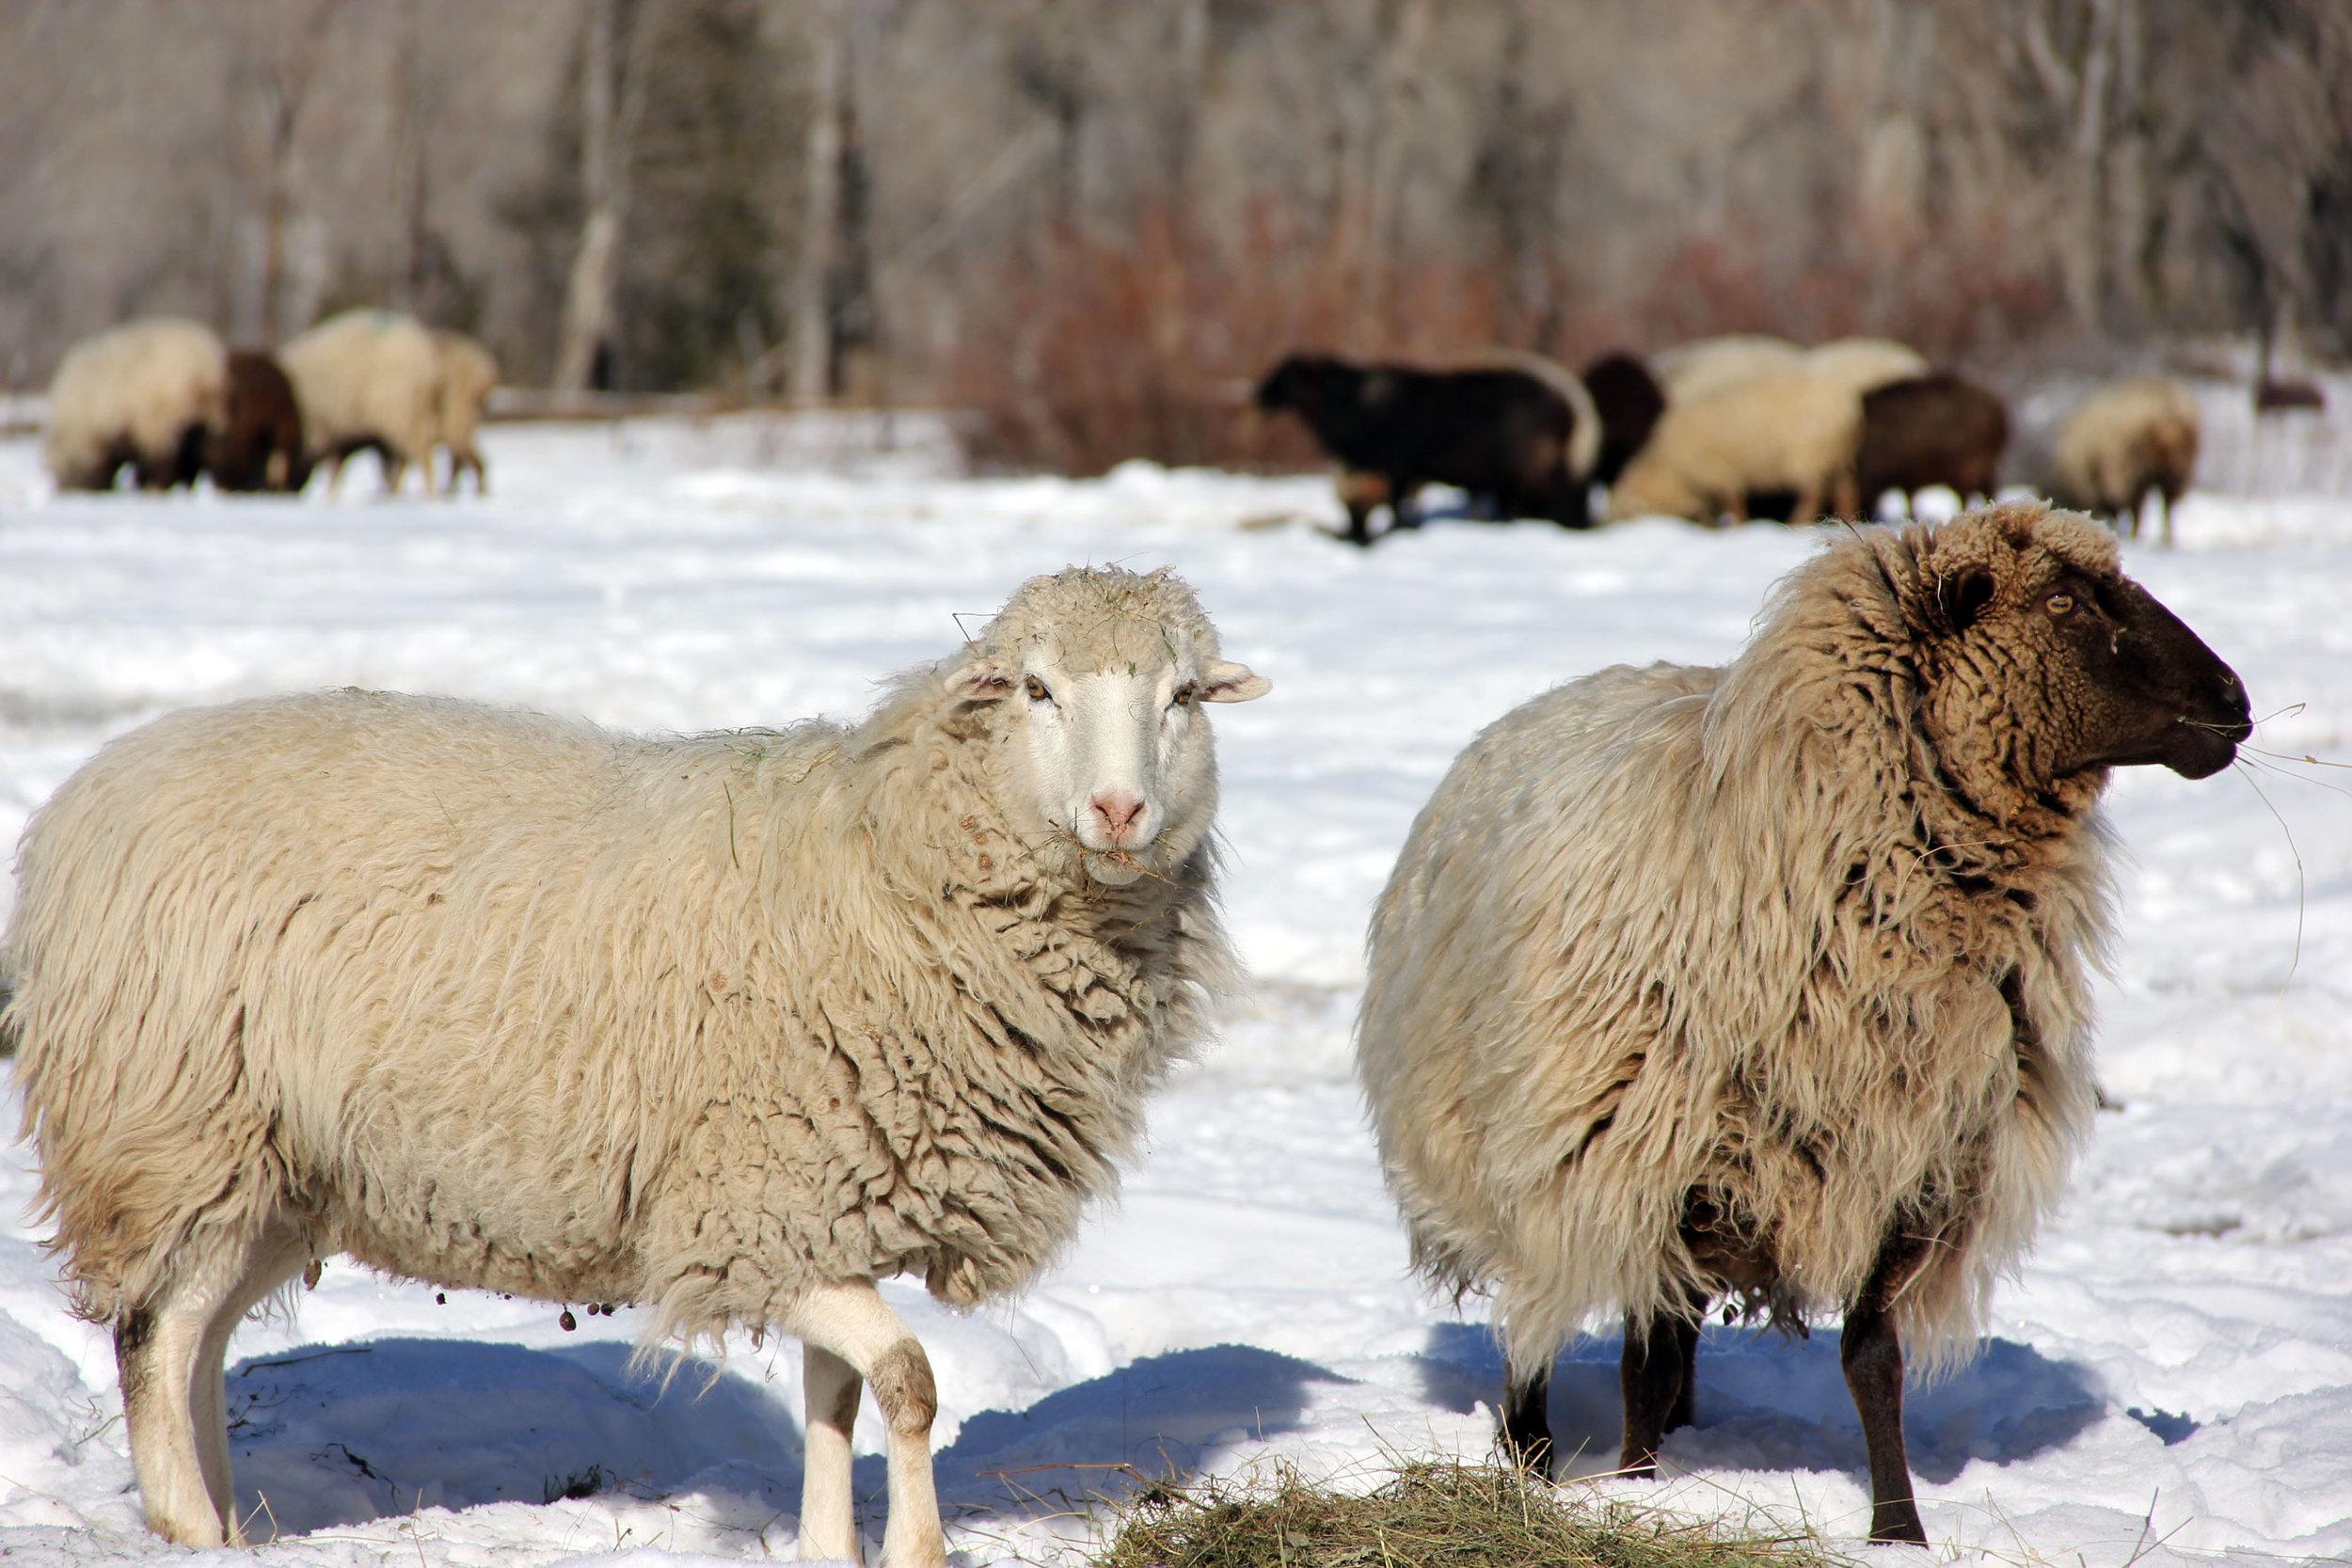 Churro sheep at feeding time